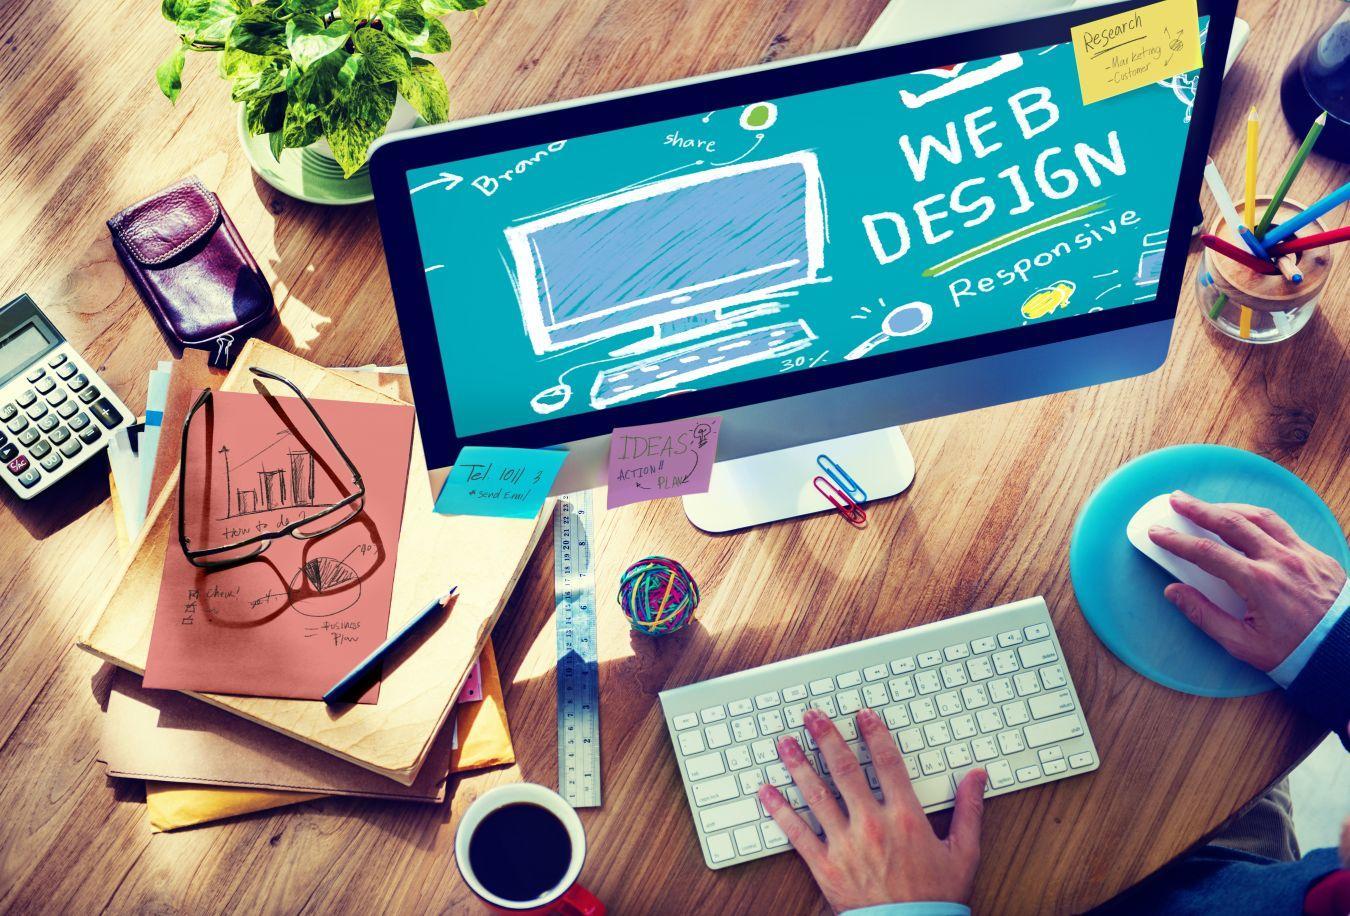 Yeni Bir Sitenin Size Faydaları Nelerdir? - - web tasarım, web site, vektörel grafik, sosyal medya, reklam, portakalweb, grafik tasarım, adobe illustrator